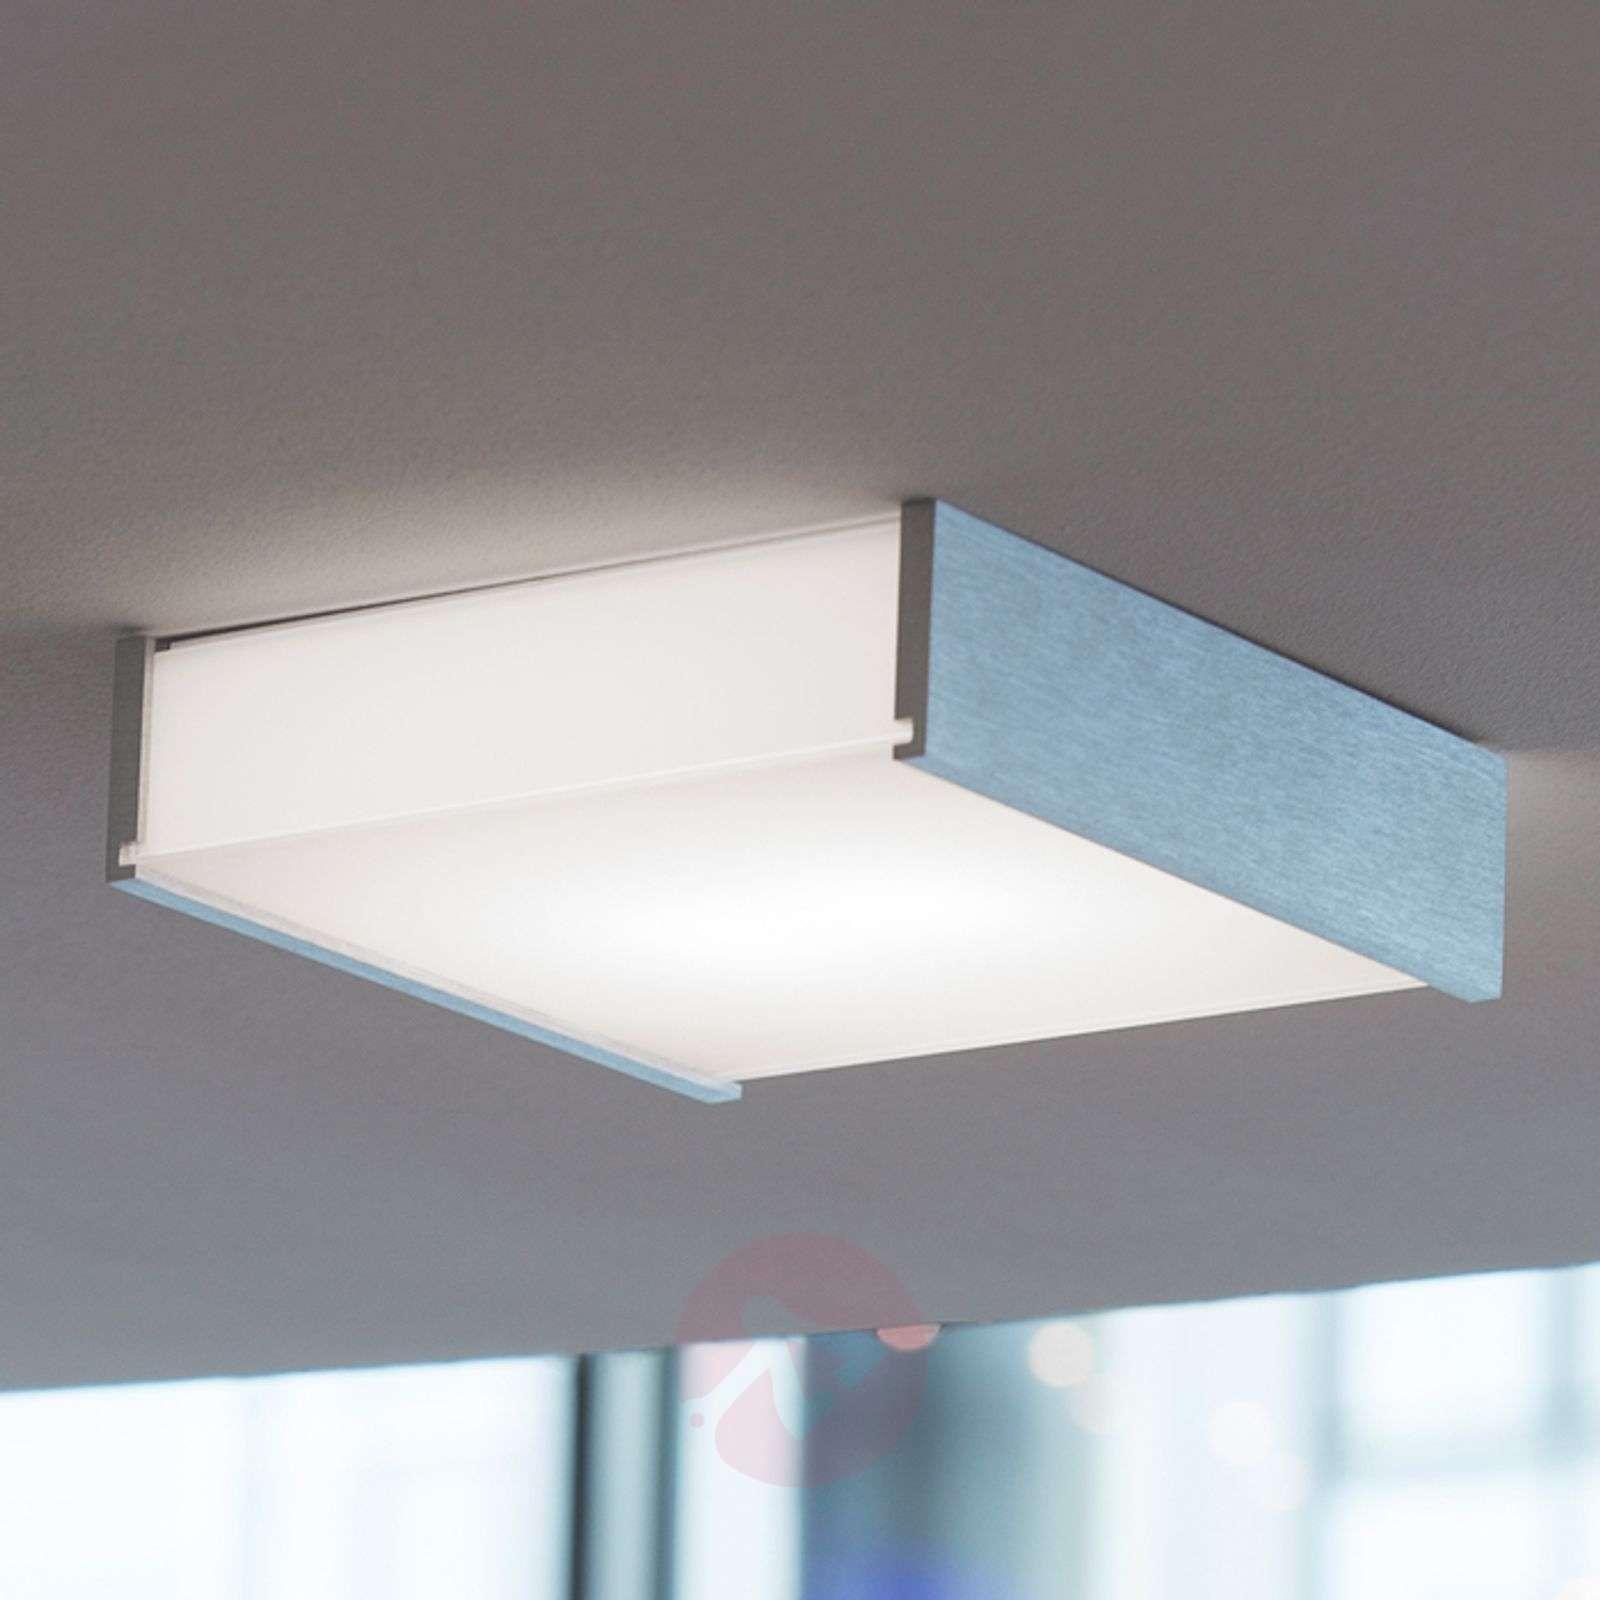 Modern Ceiling Light Box Led 20 Cm Lights Ie